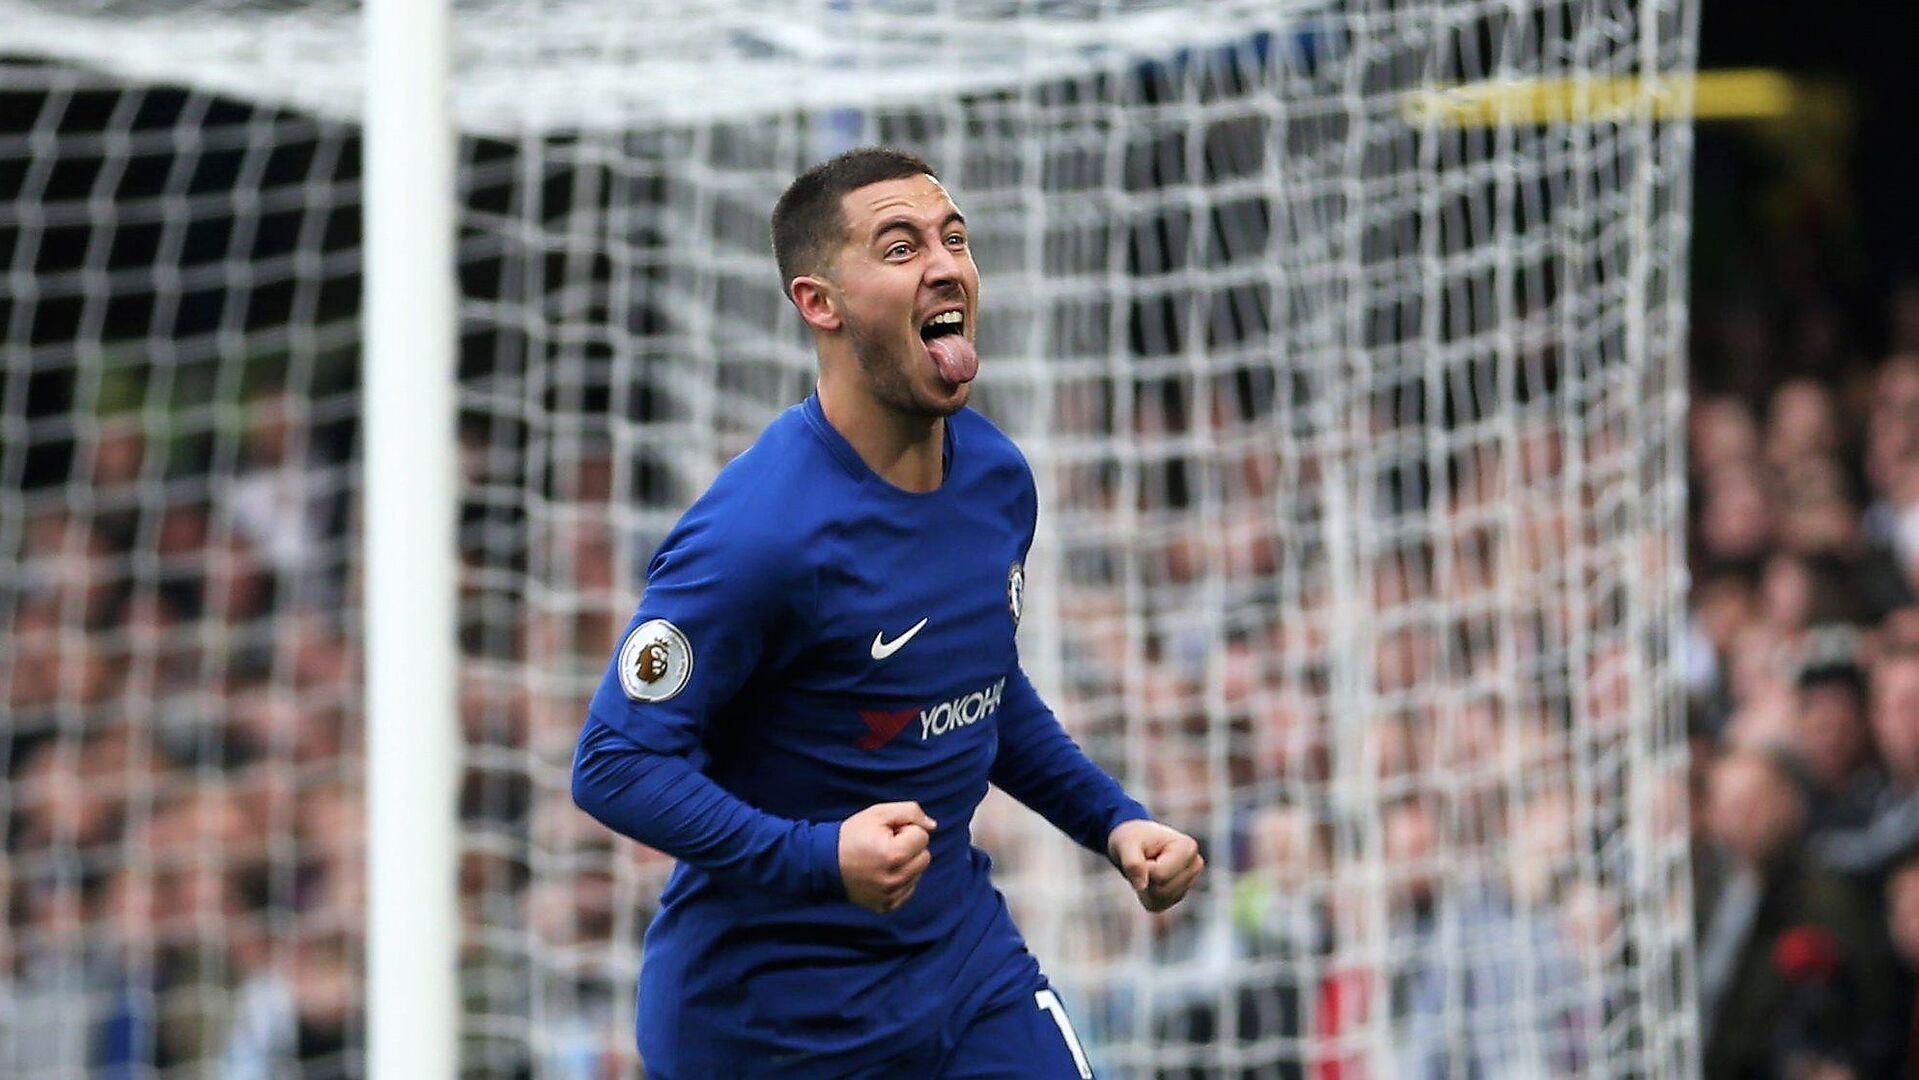 El Chelsea rebaja sus pretensiones por Hazard- Libertad Digital dca63c46e252f